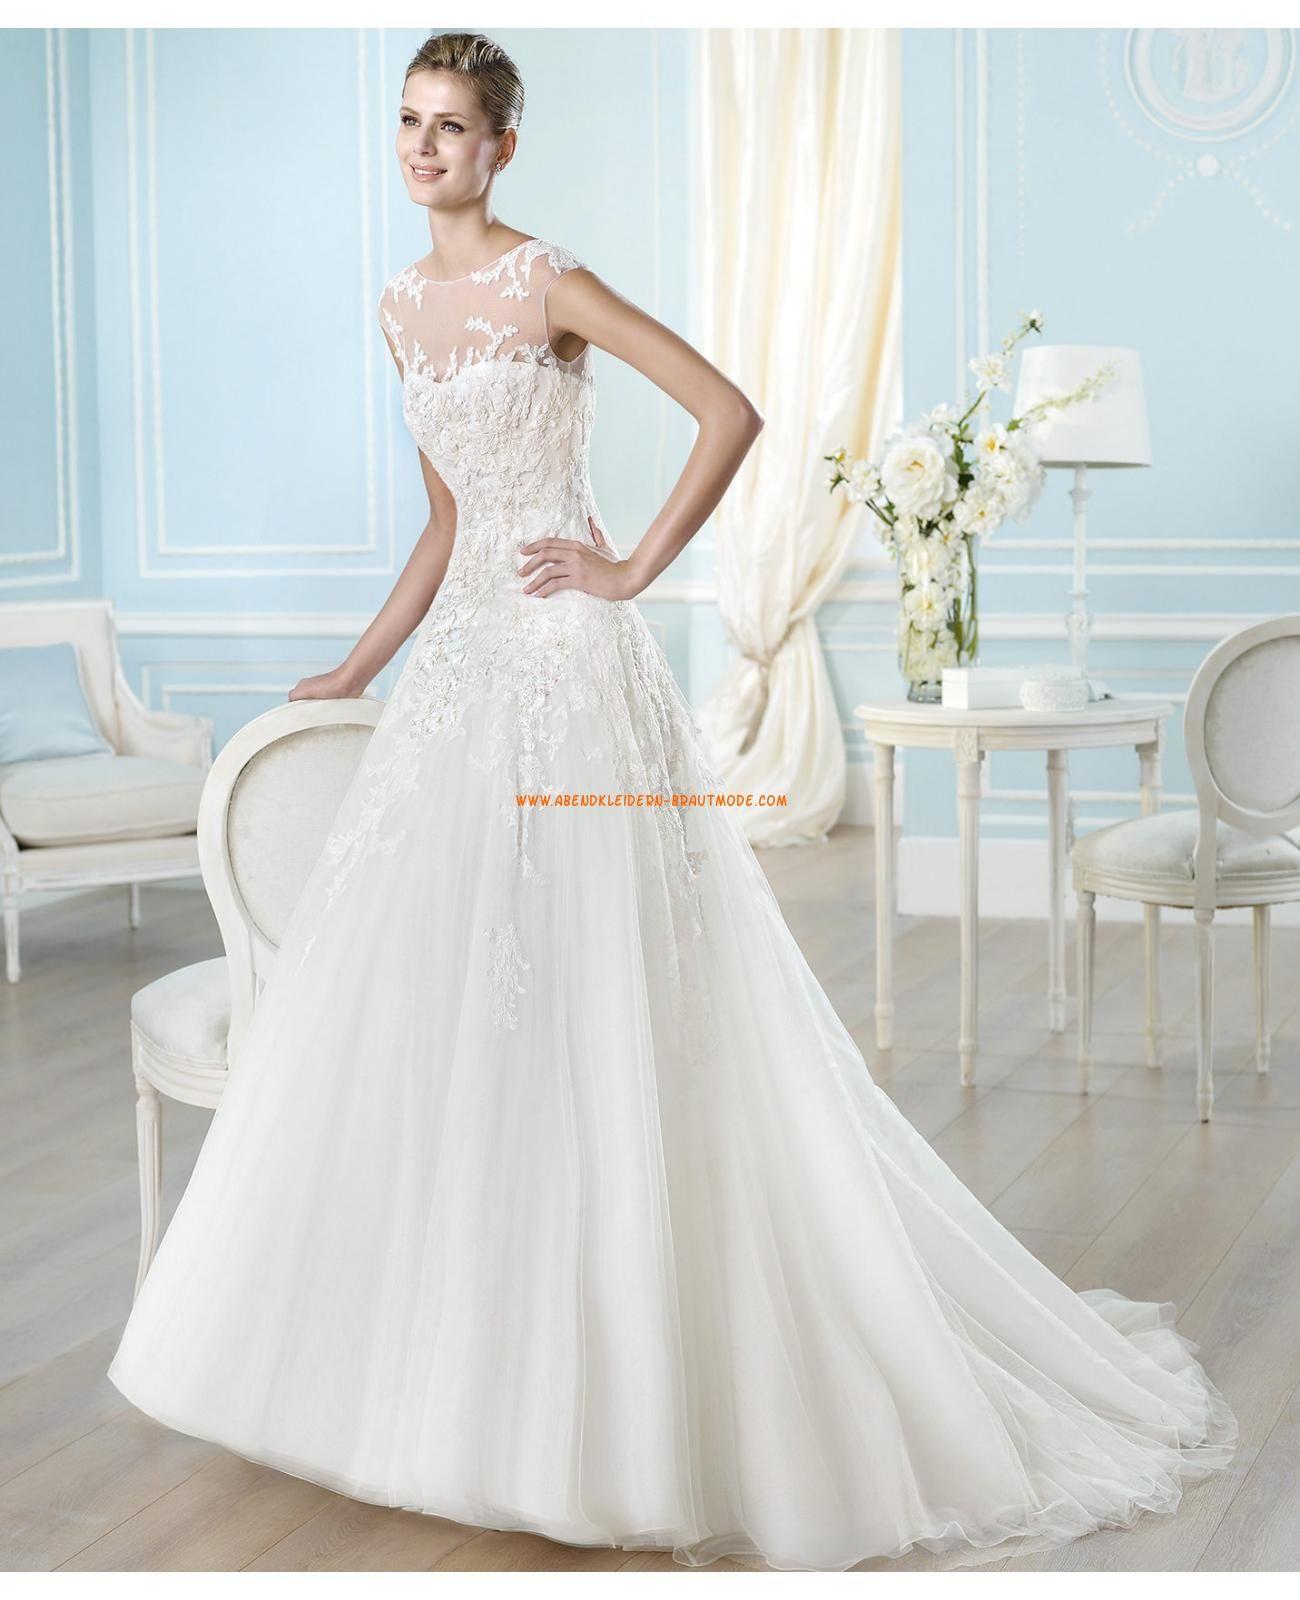 Schönste Brautkleider 2014 kaufen online aus Satin und Tüll A-LInie ...